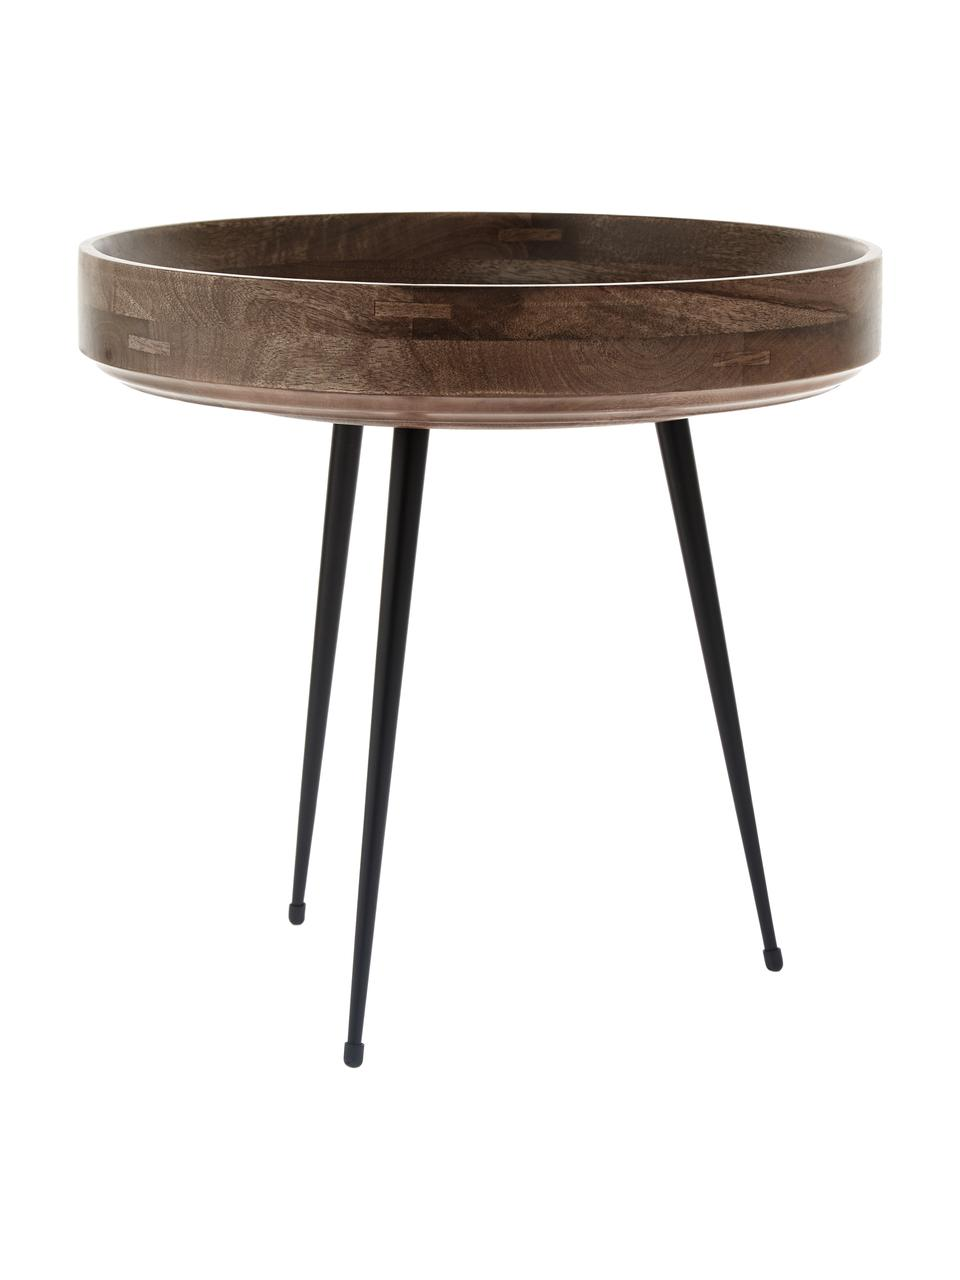 Kleine design bijzettafel Bowl Table van mangohout, Tafelblad: gebeitst en gelakt mangoh, Poten: gepoedercoat staal, Donkerbruin, zwart, Ø 40 x H 38 cm